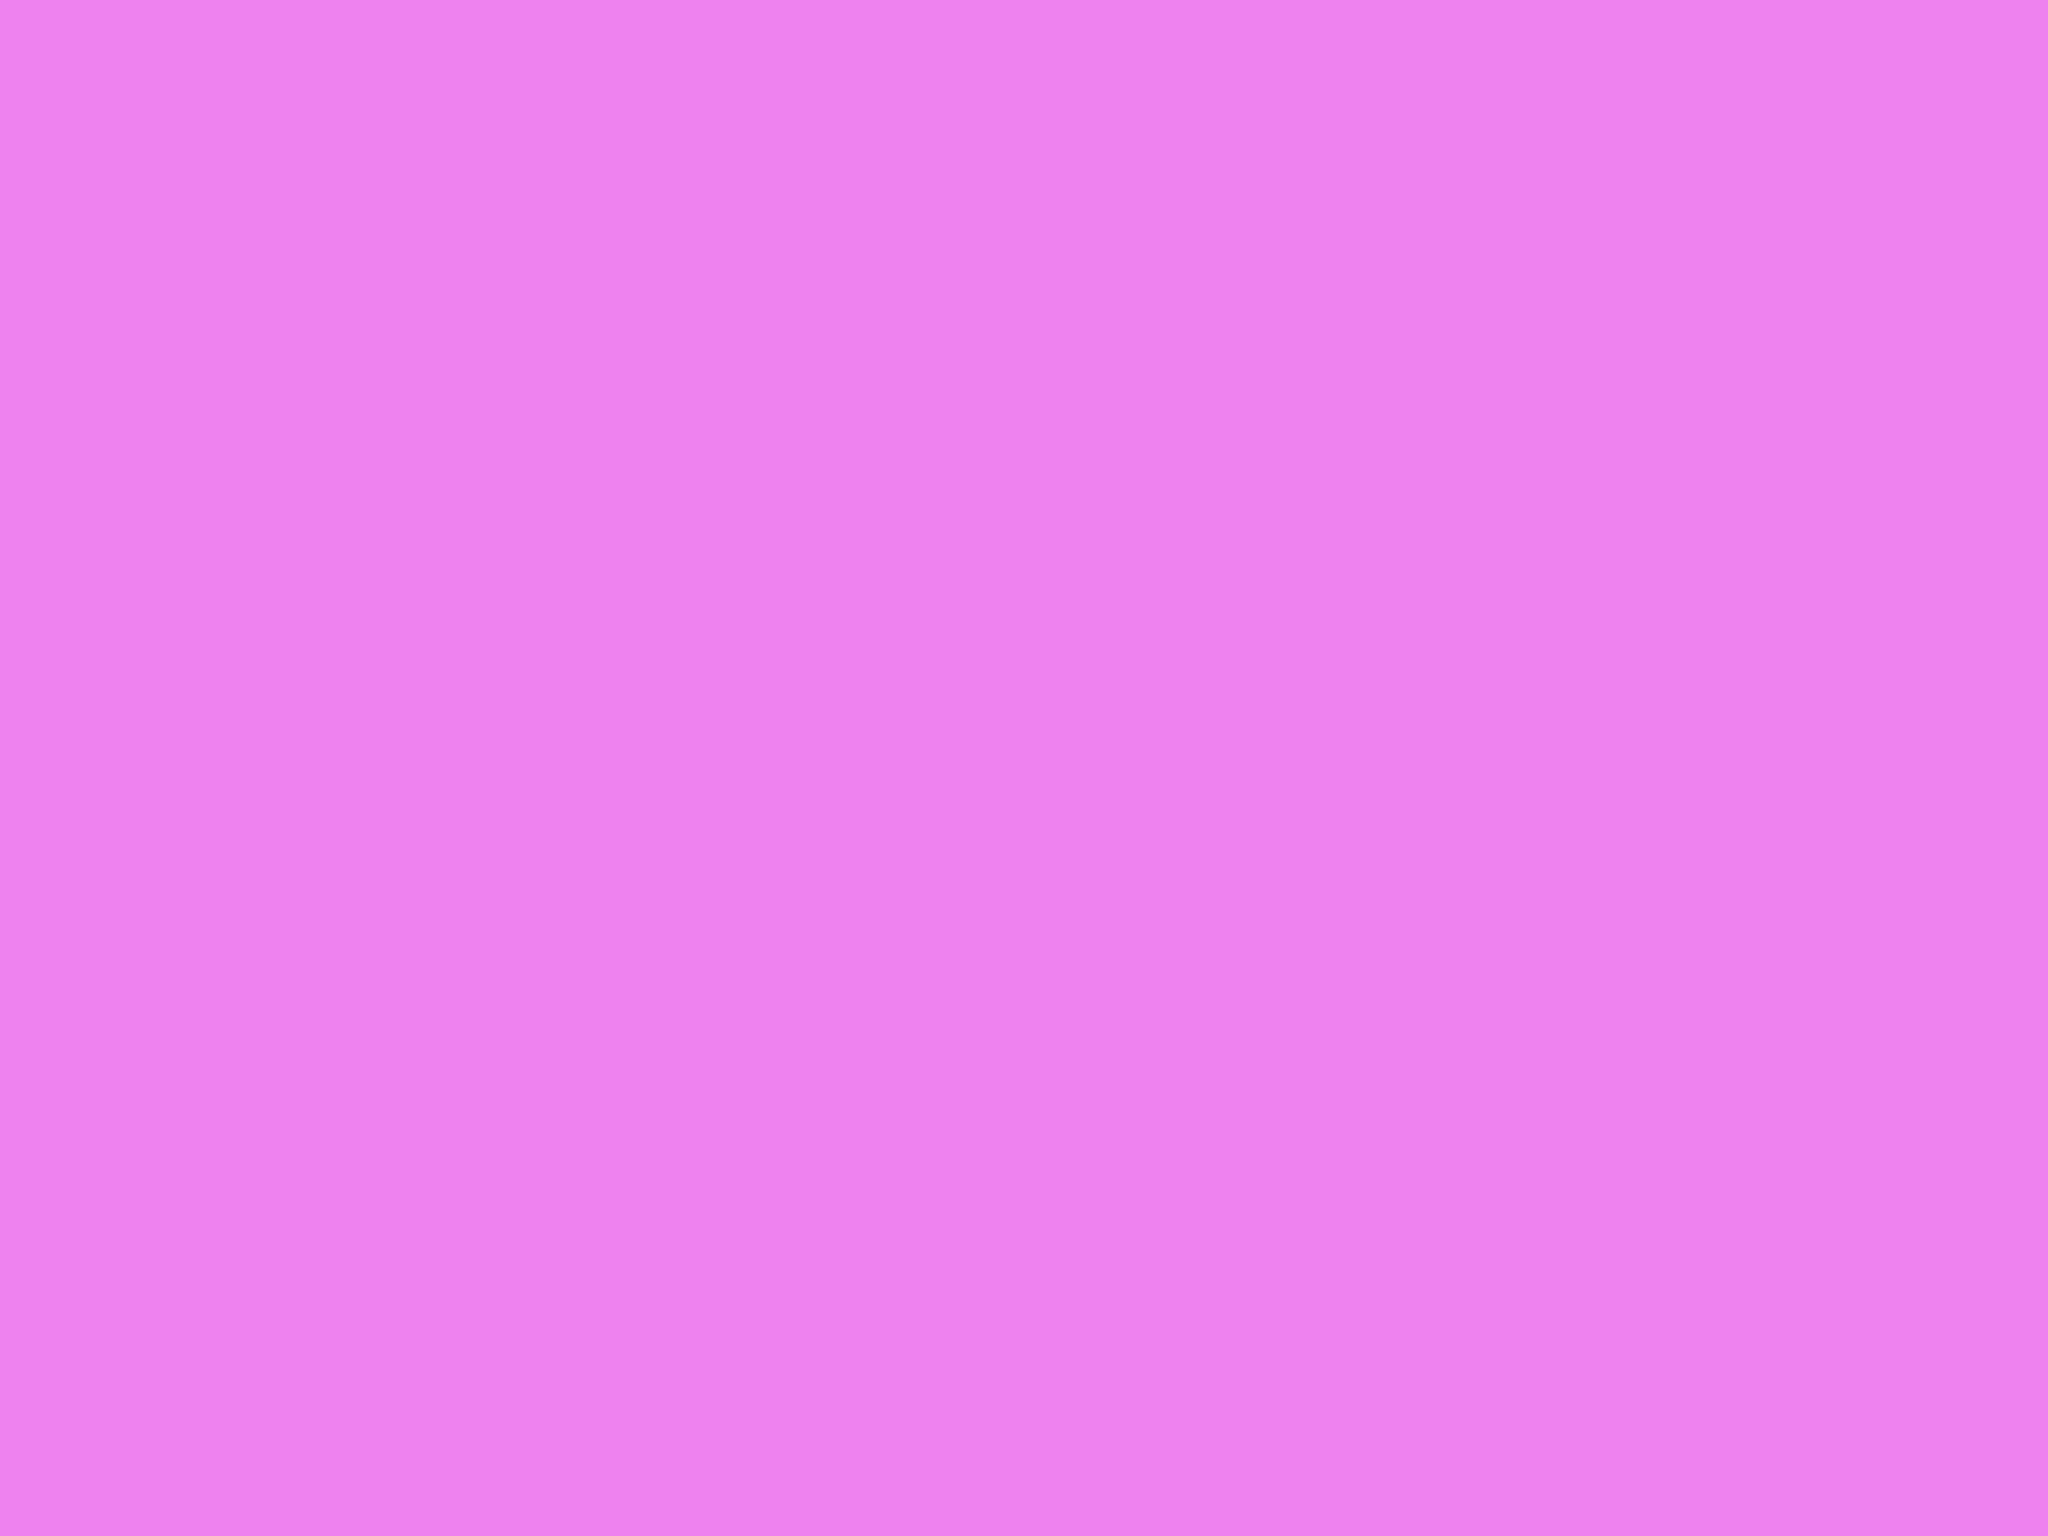 2048x1536 Lavender Magenta Solid Color Background